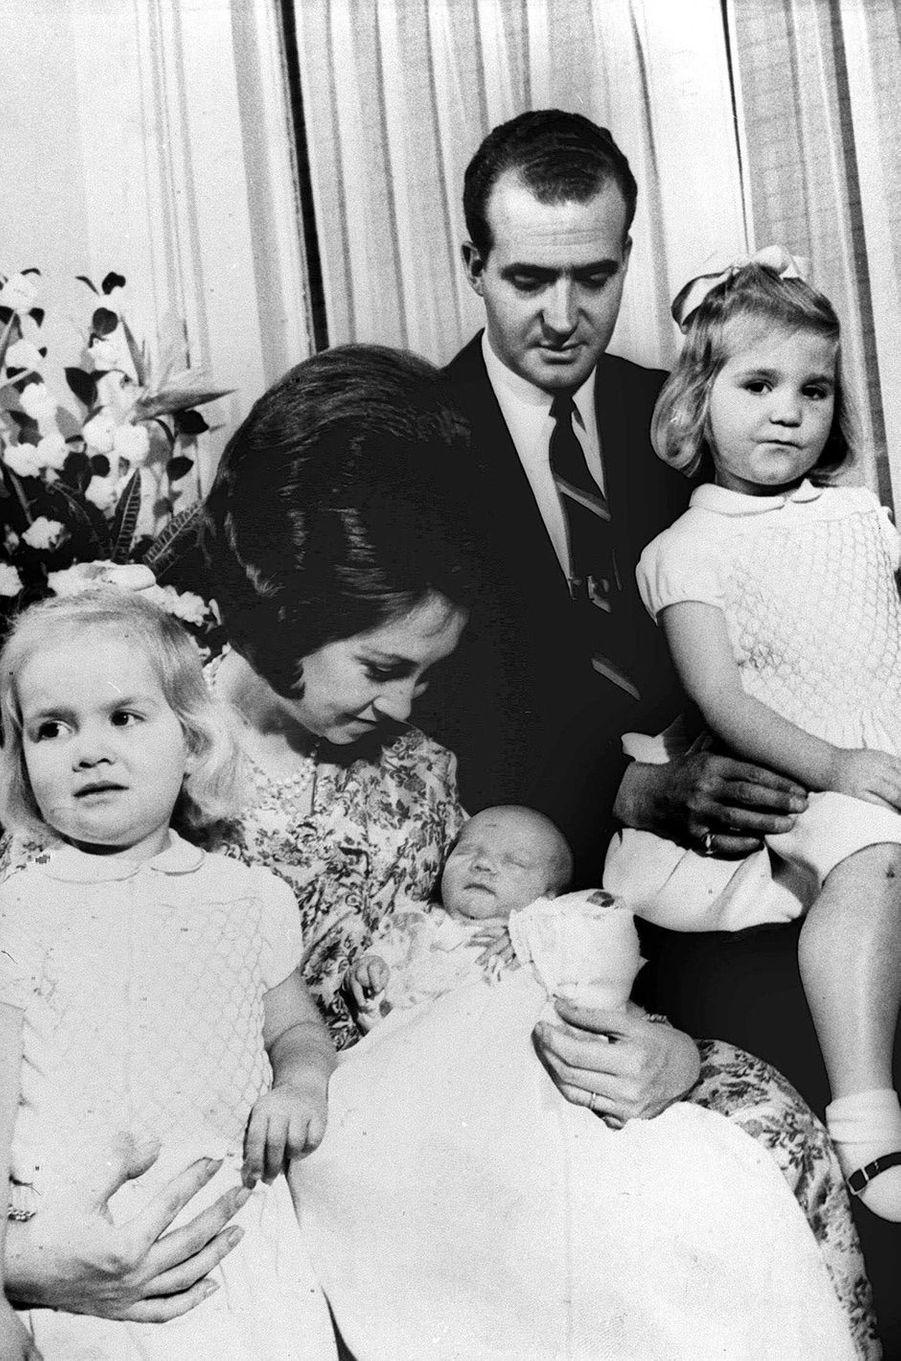 Le prince Felipe d'Espagne avec ses parents et ses soeurs, le 30 janvier 1968, jour de sa naissance